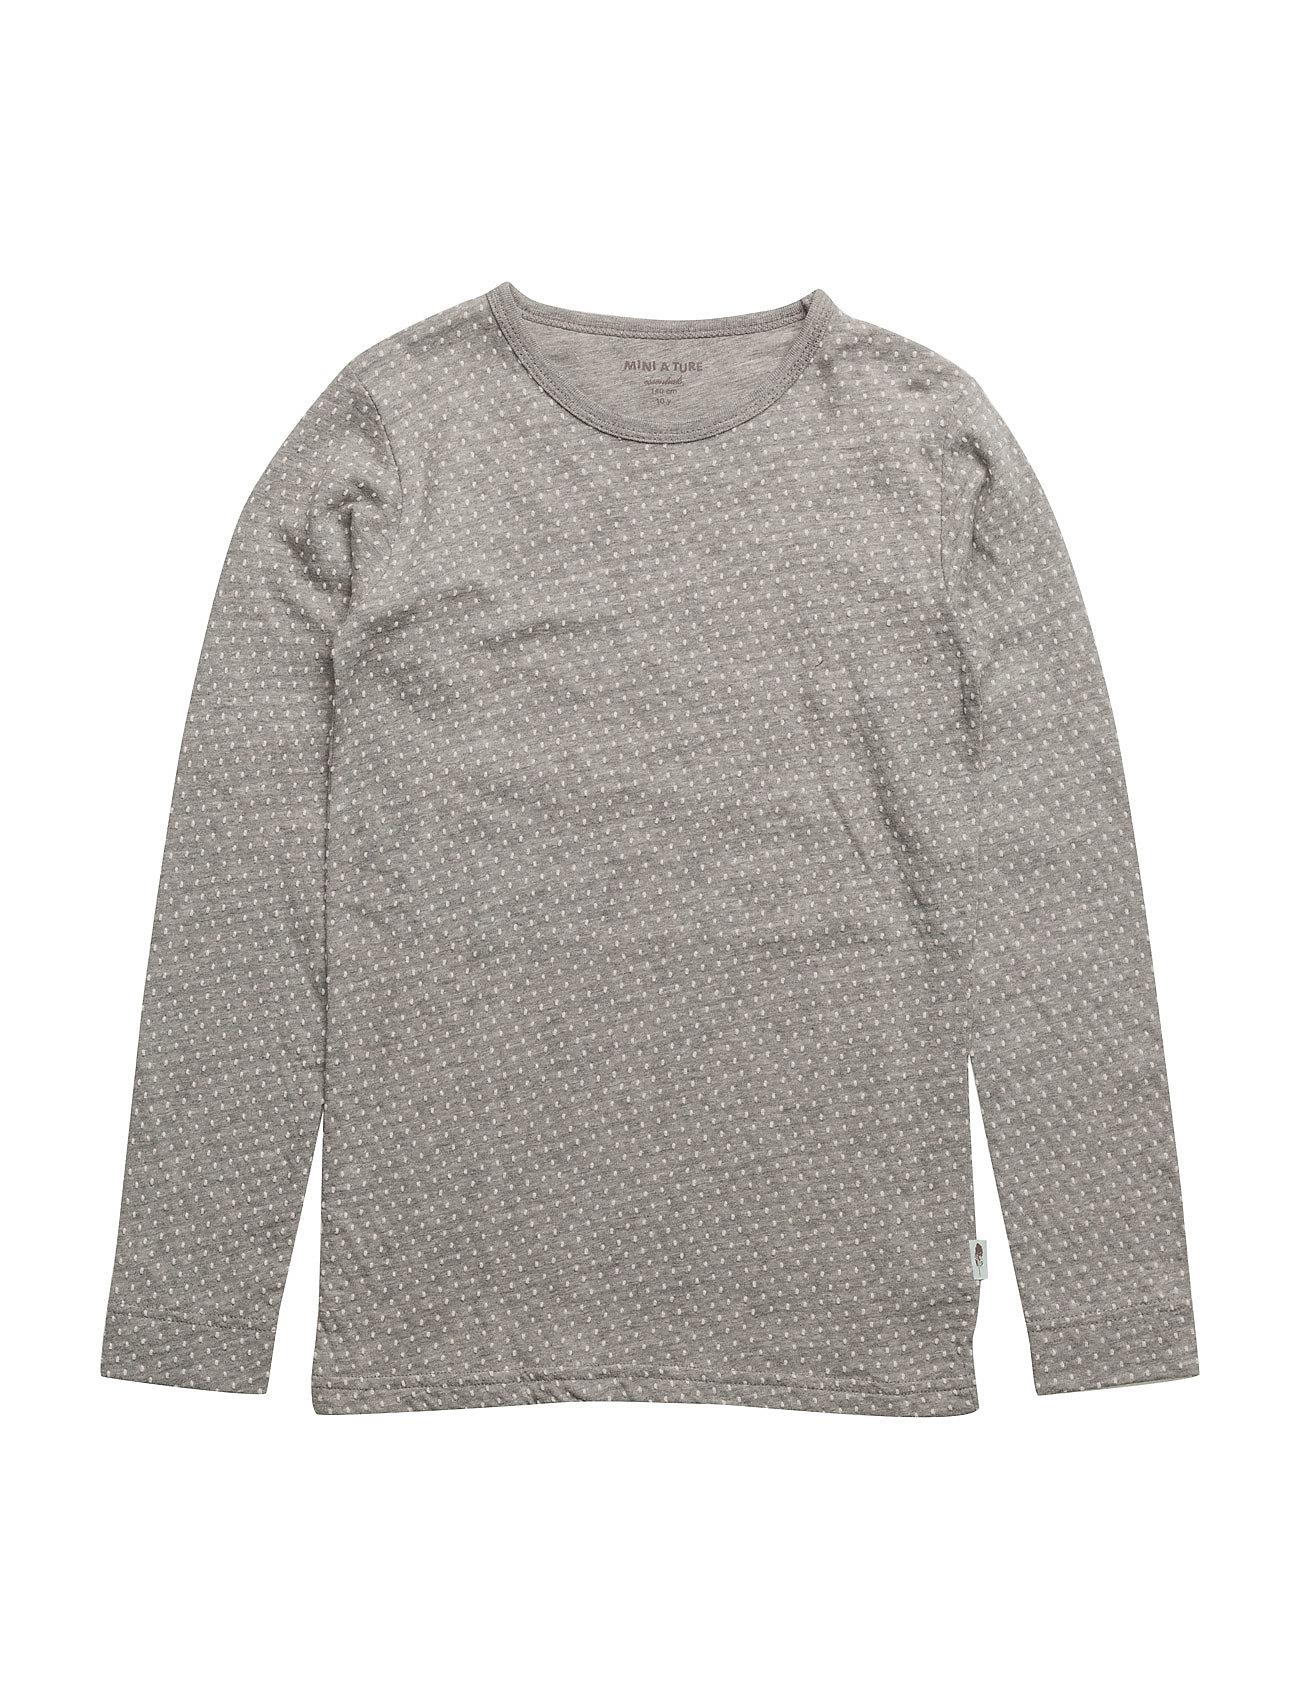 Eddy T-Shirt, Mk Mini A Ture Langærmede t-shirts til Børn i Light Grey Melange